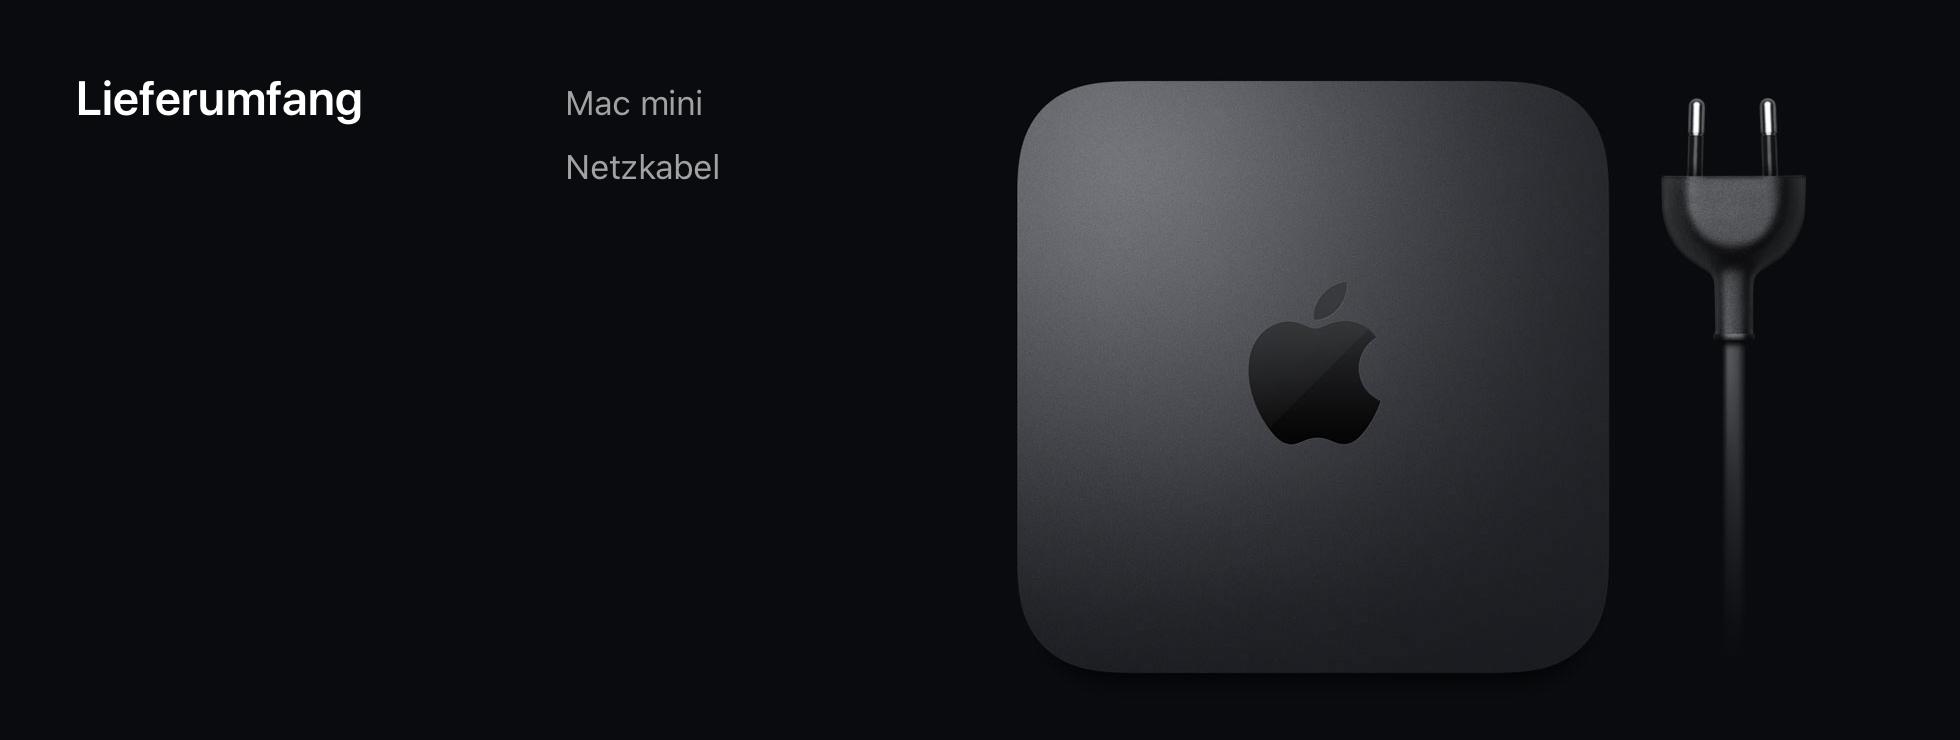 Dem Mac mini liegen weder Maus noch Tastatur bei.